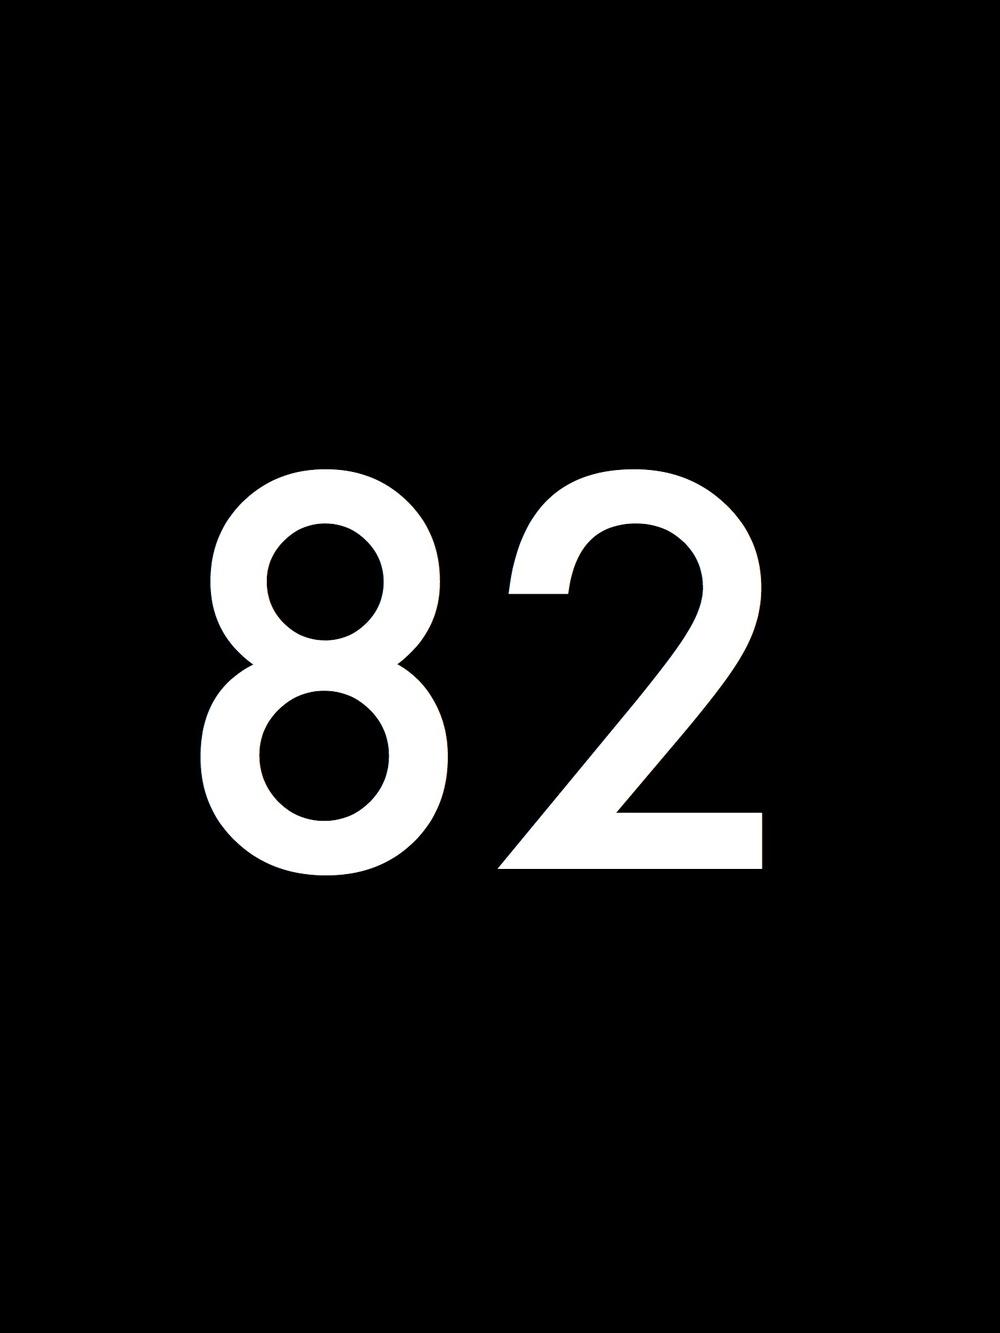 Black_Number.082.jpg